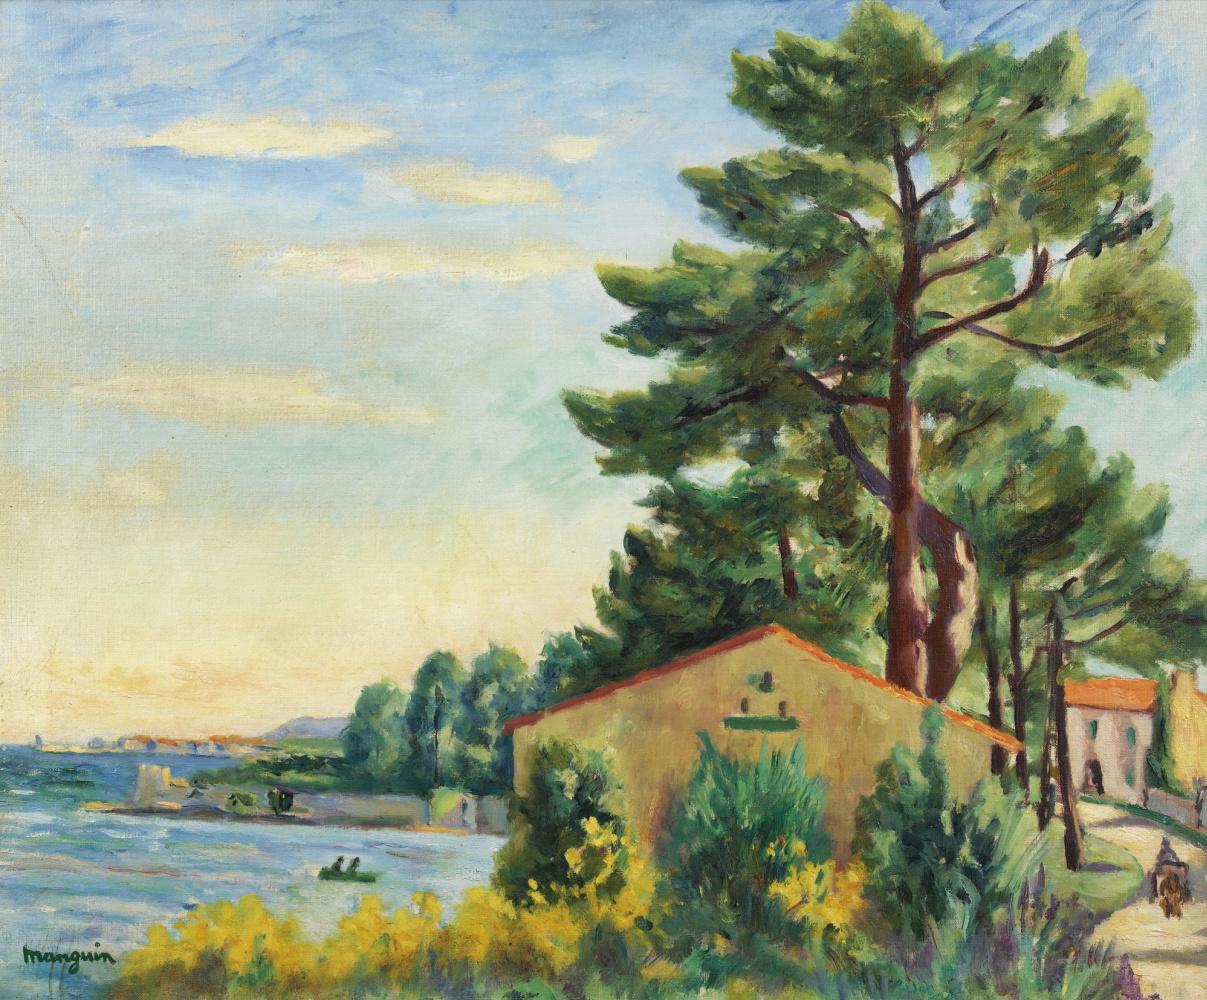 Henri Manguin. Landscape, Saint-Tropez